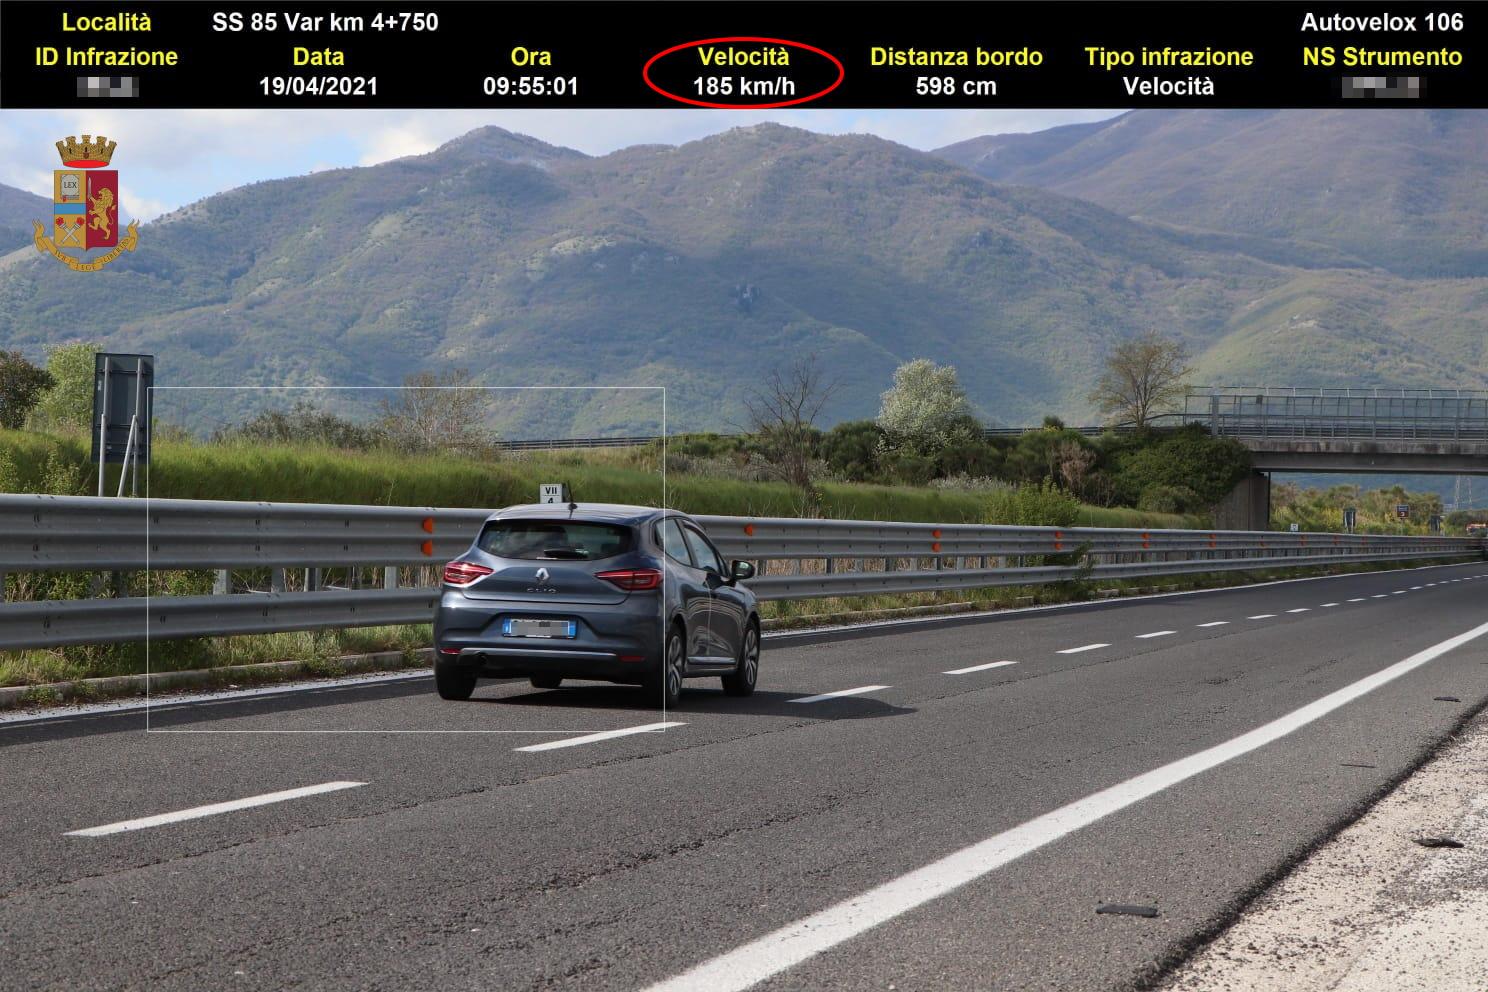 Controlli della velocità: in autostrada a 185 chilometri all'ora e 348 infrazioni in una settimana